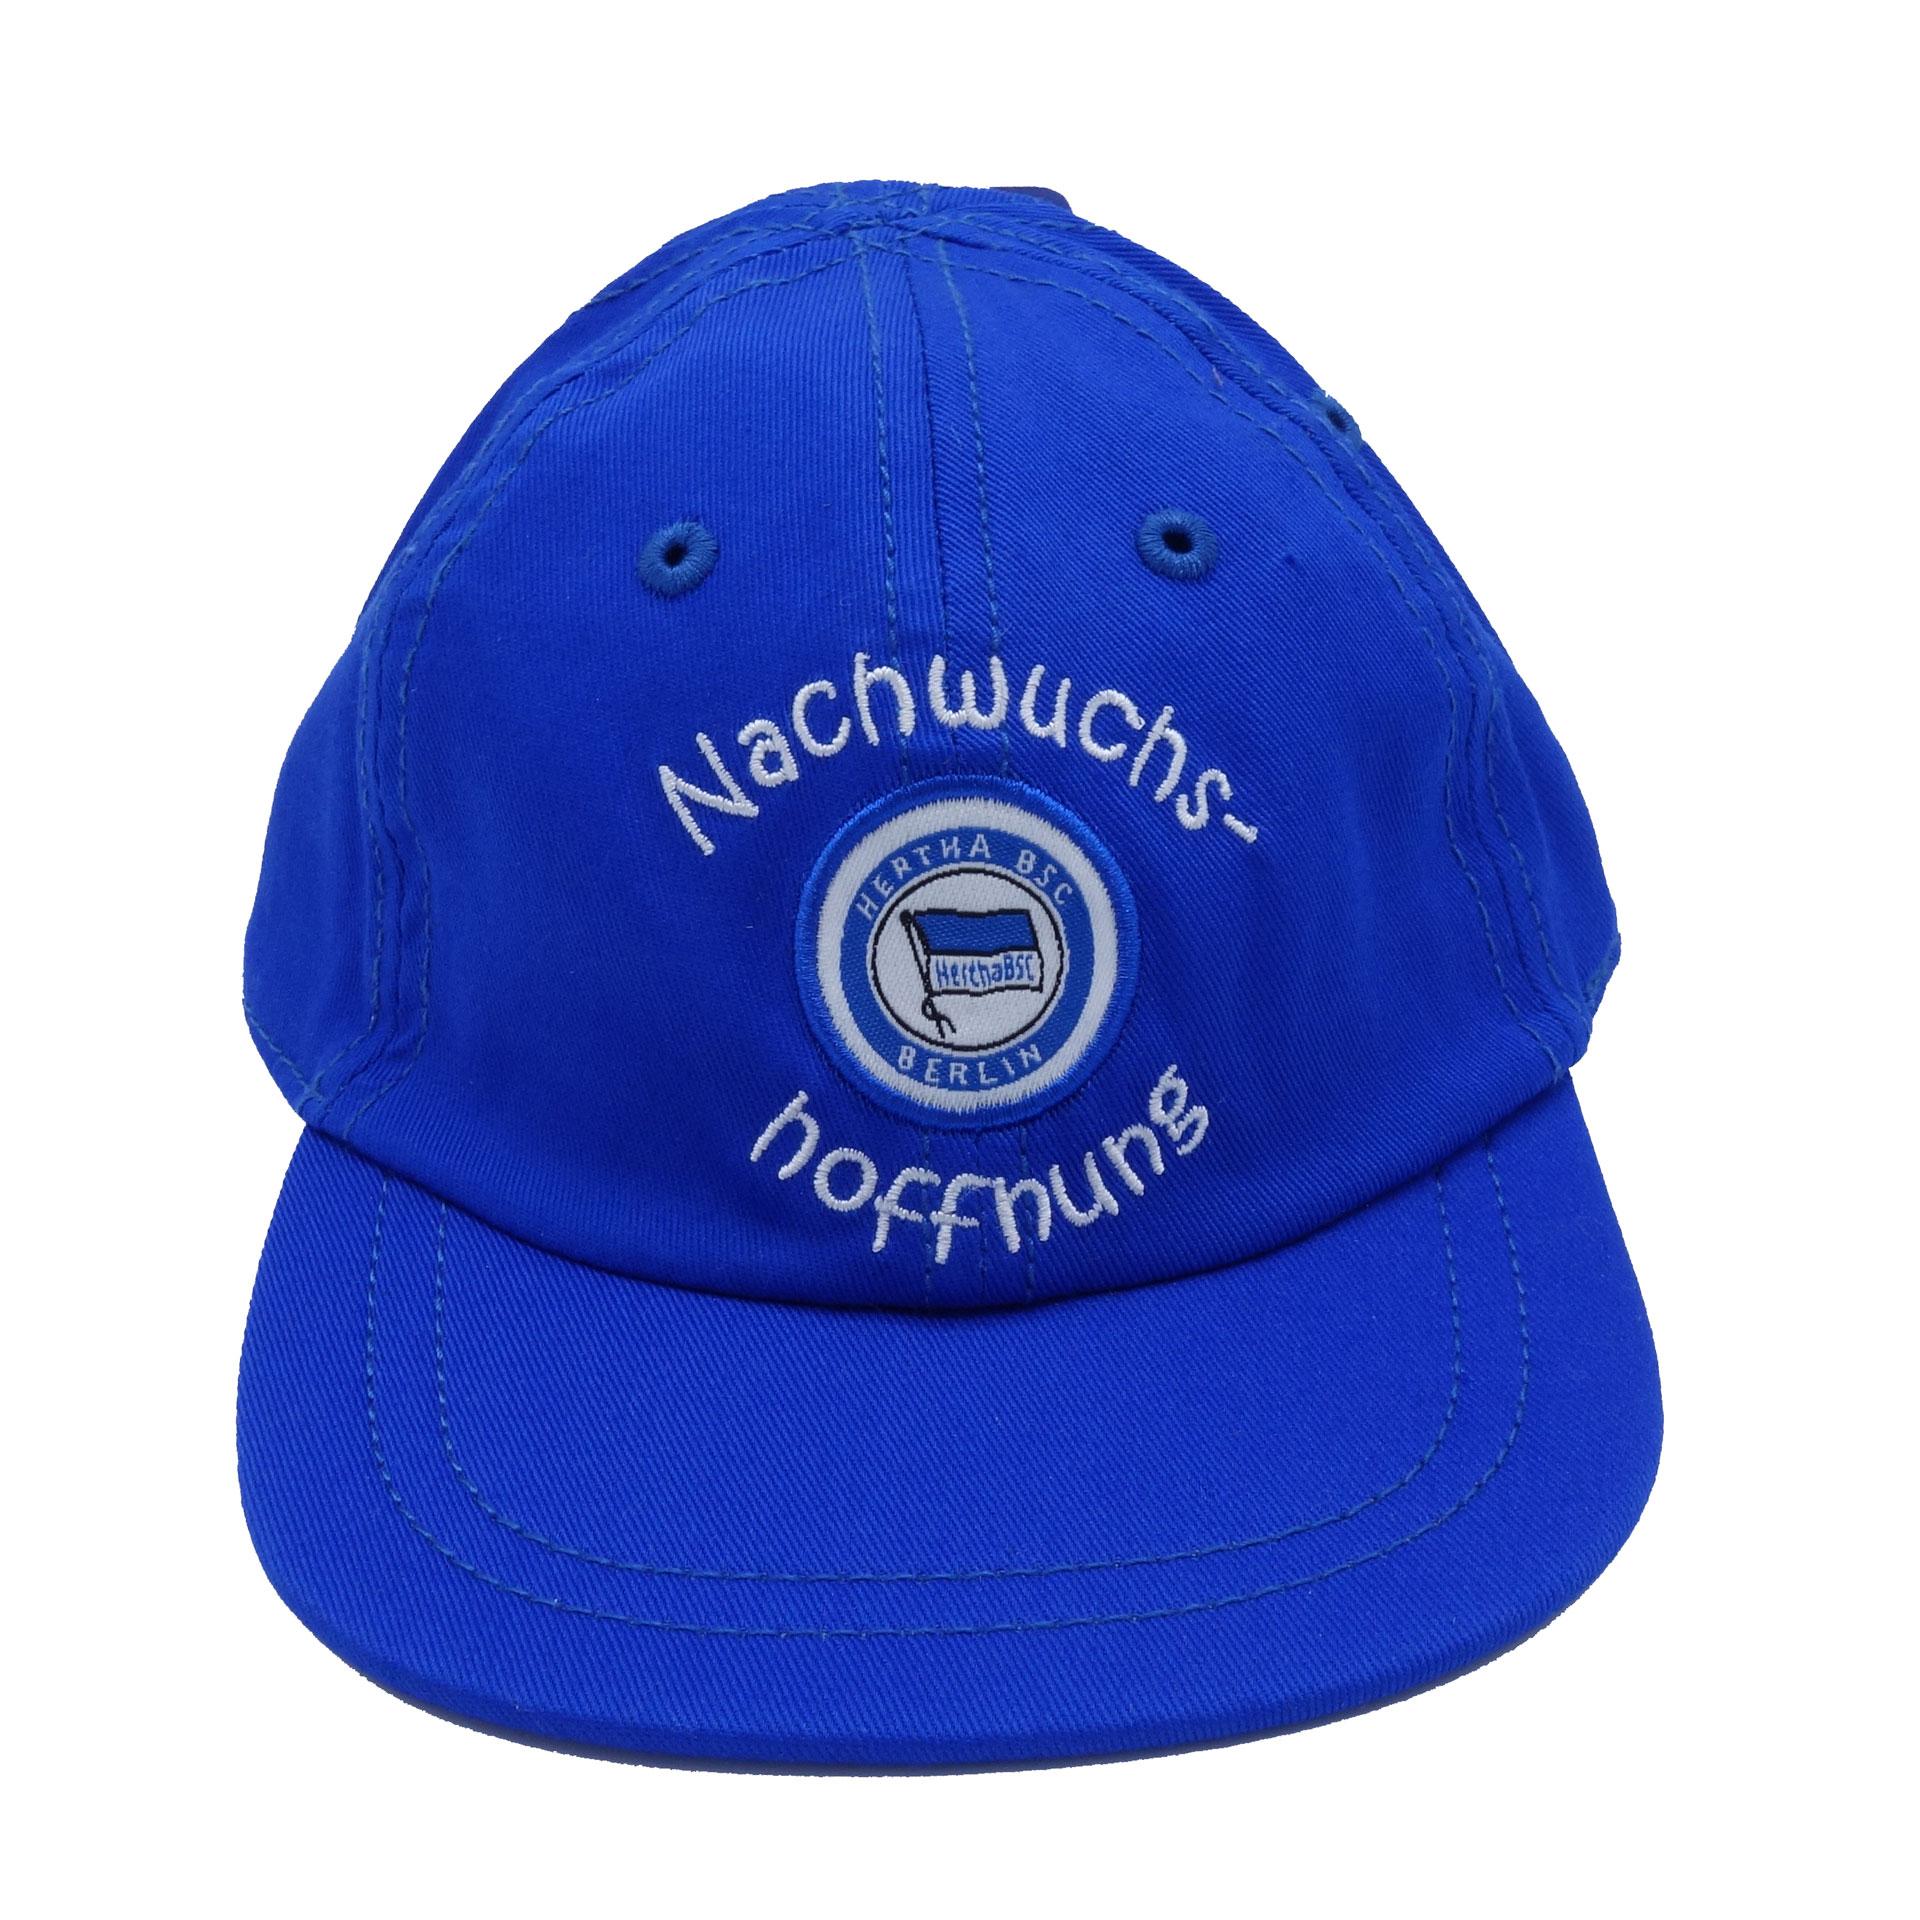 Hertha BSC Cap Nachwuchs New Era